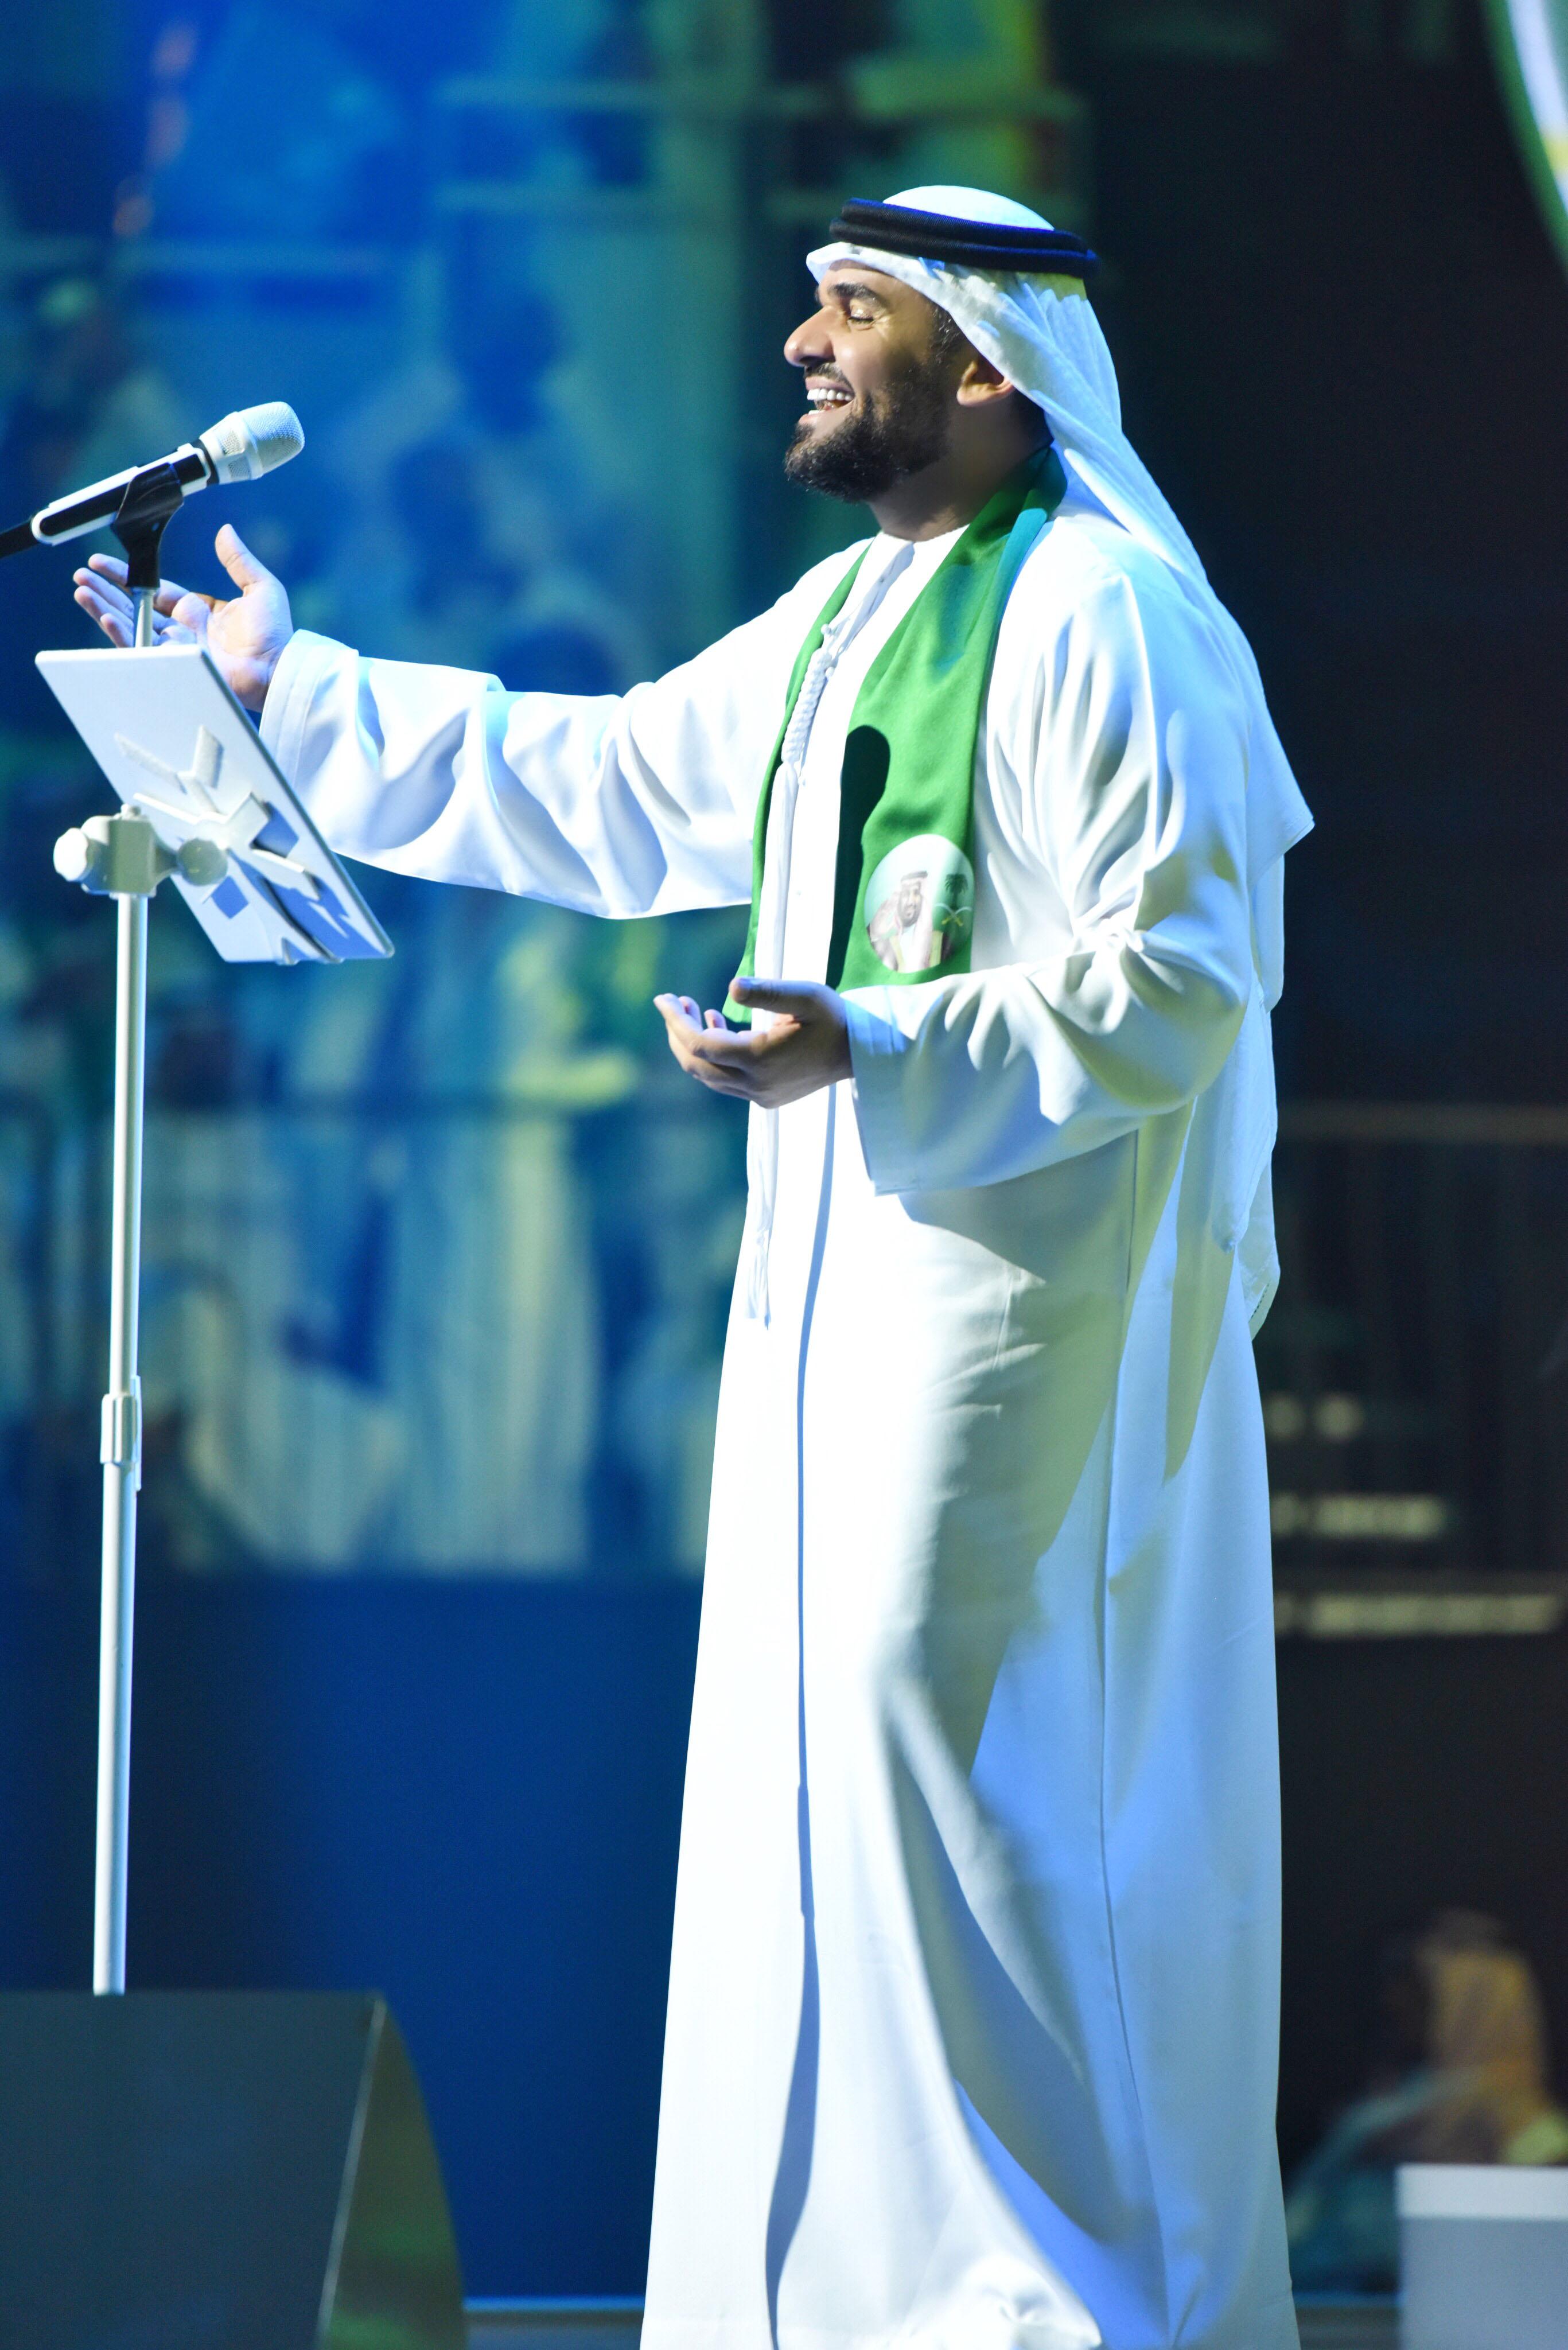 صورة حسين الجسمي يشارك السعودية فرحتها باليوم الوطني الـ87